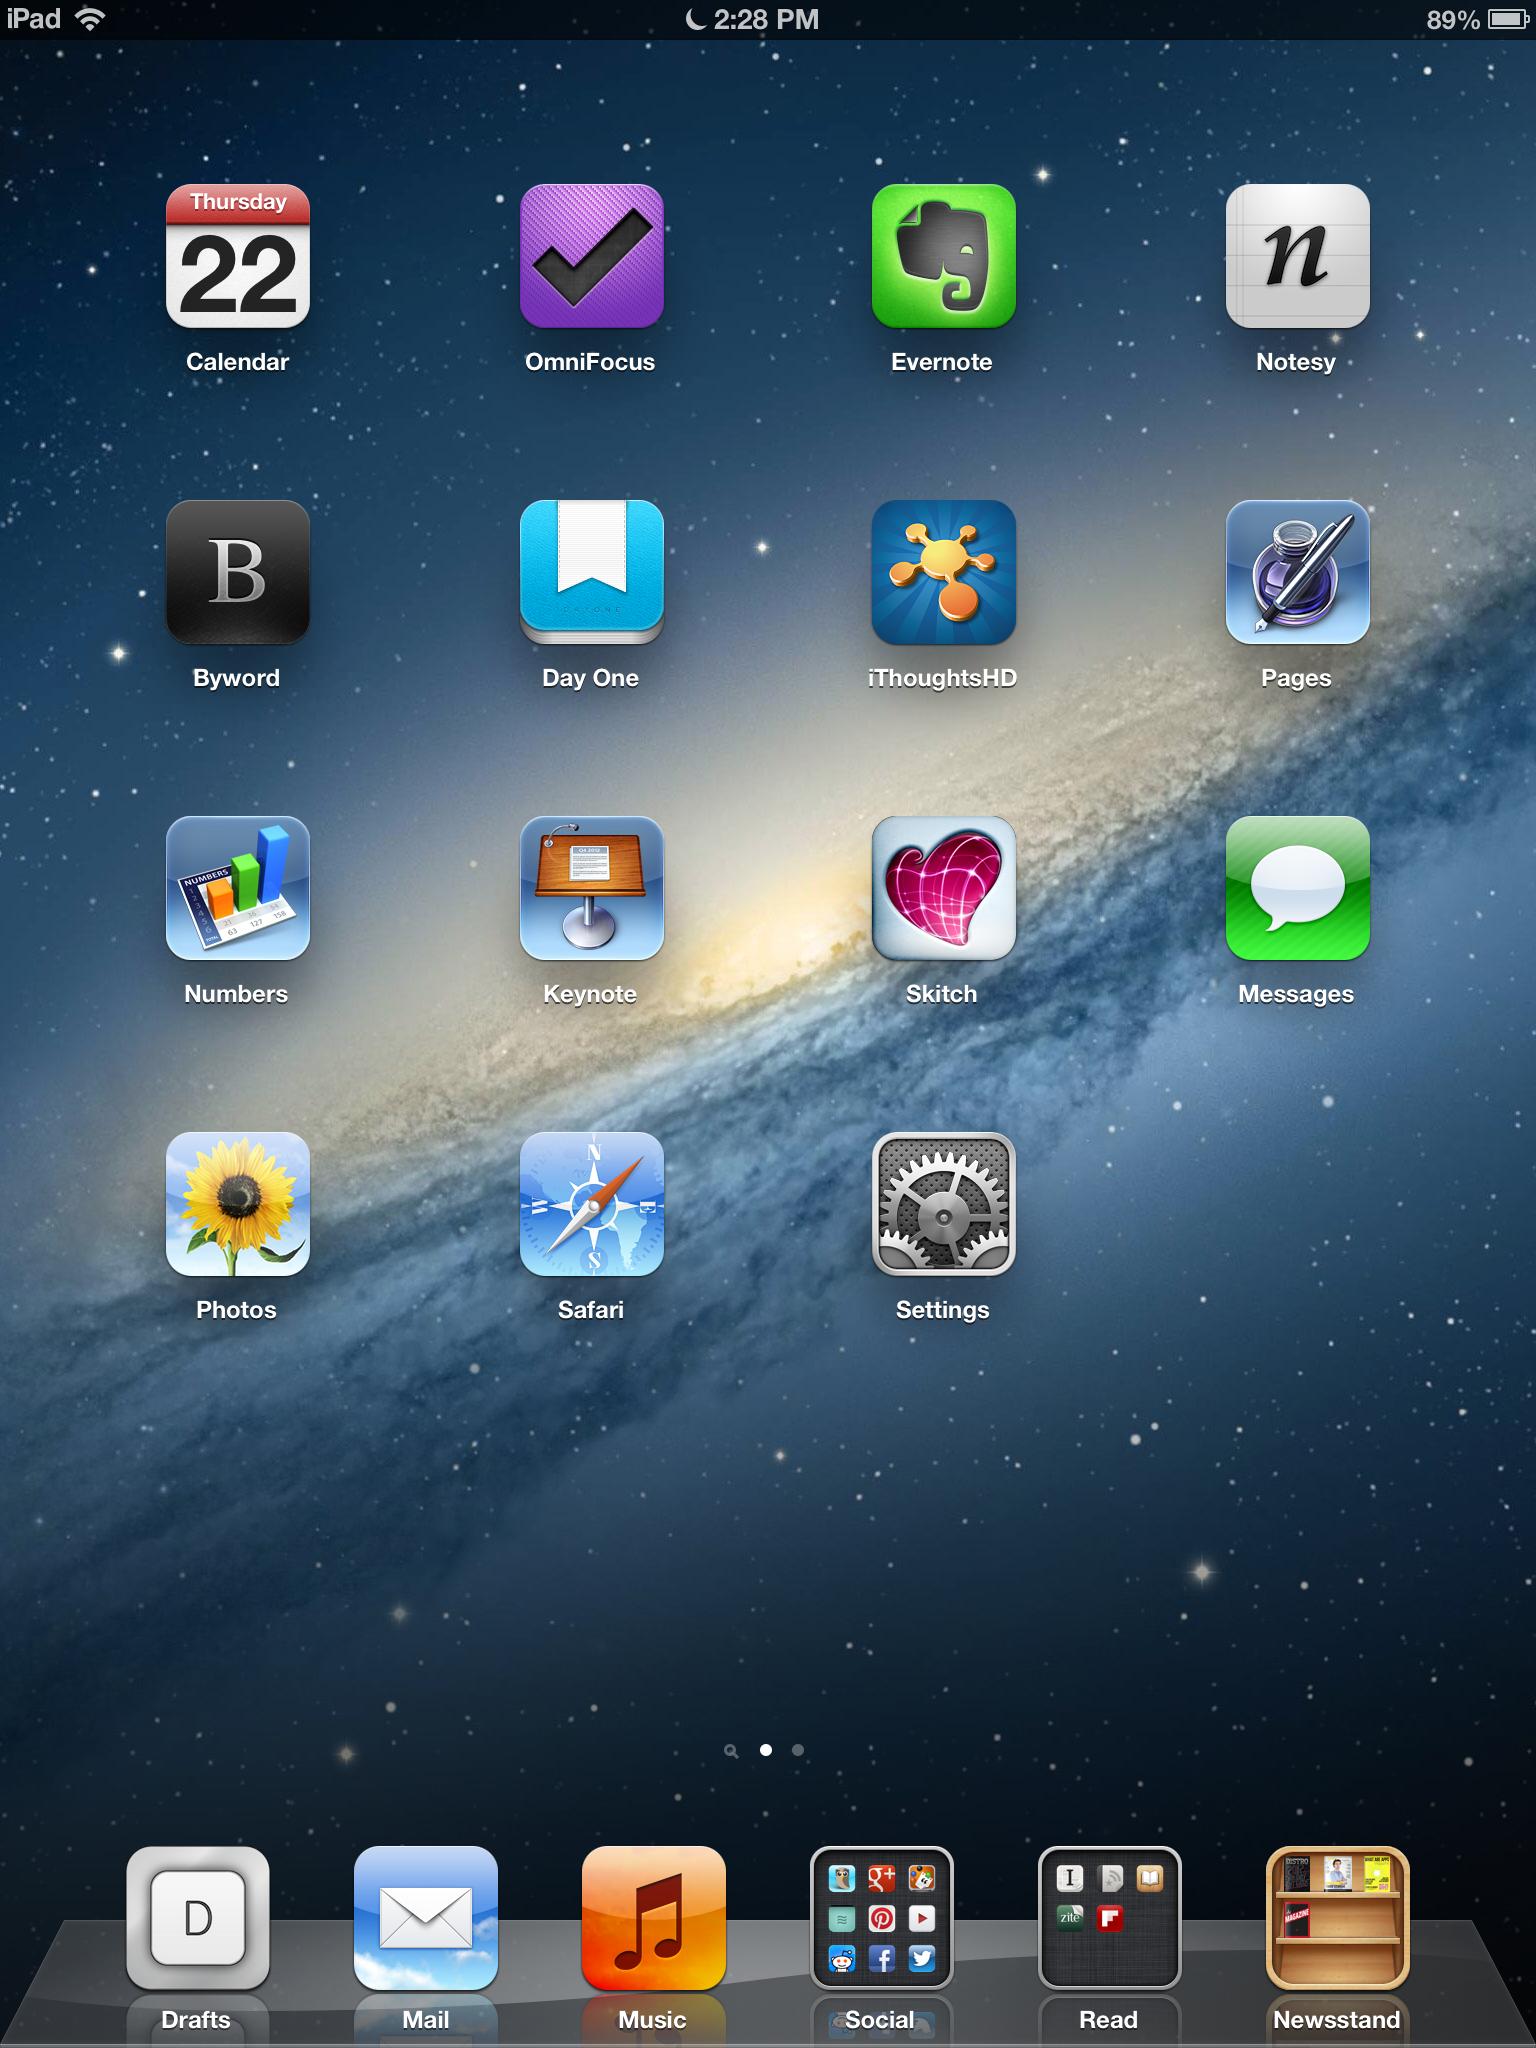 Как сделать скриншот экрана на iPad - инструкция на ОчПросто. ком 24